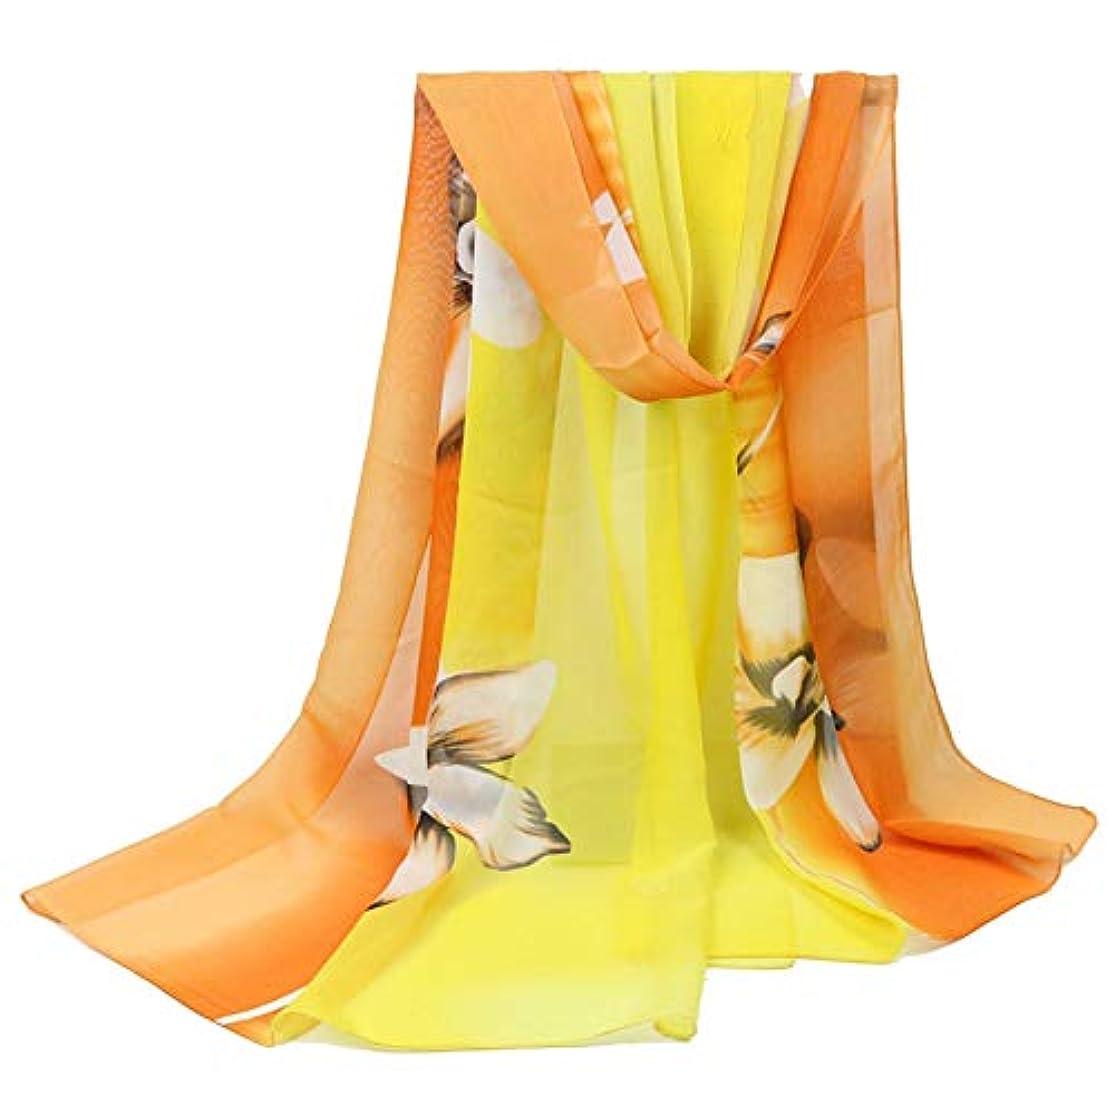 止まる驚いたことに内陸Ruikey レディース スカーフ  ストール 花柄 薄い ネッカチーフ オフィススカーフ 防寒 日焼け止め 薄手 海辺 旅行 通勤用 多機能